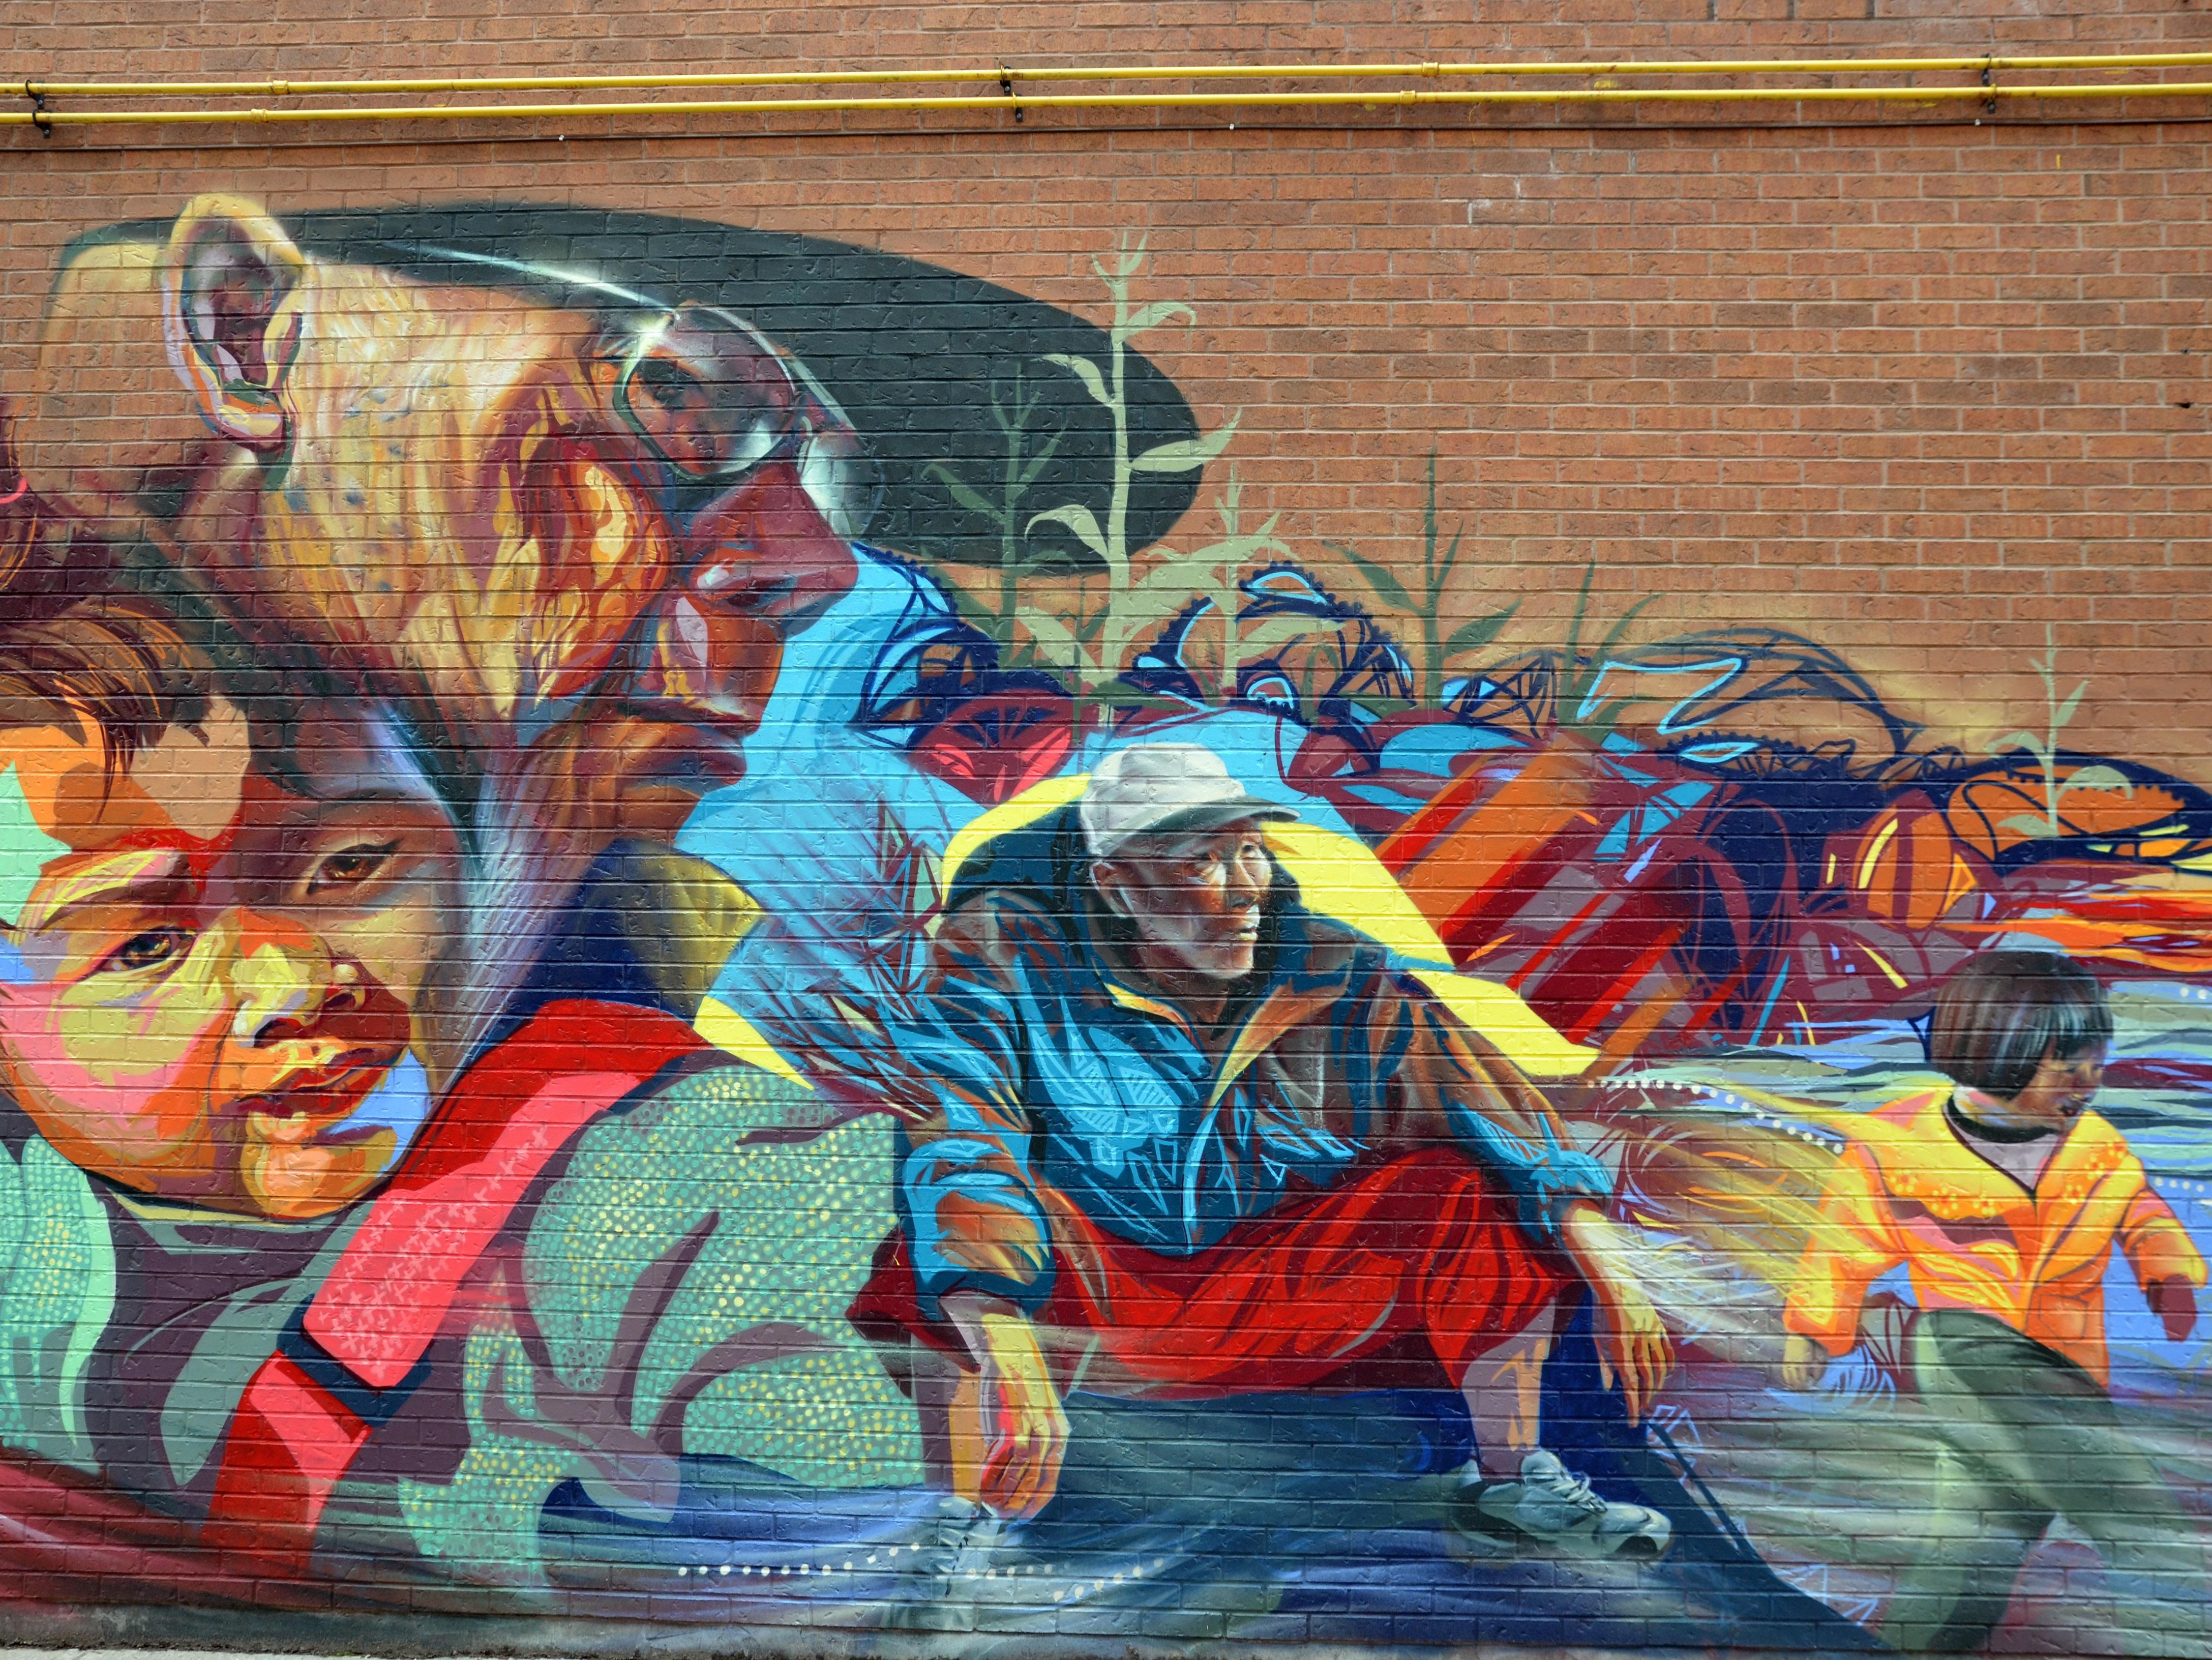 Fotoğraf Sokak Duvar Yazısı Boyama Illüstrasyon Kültür Yaşlı